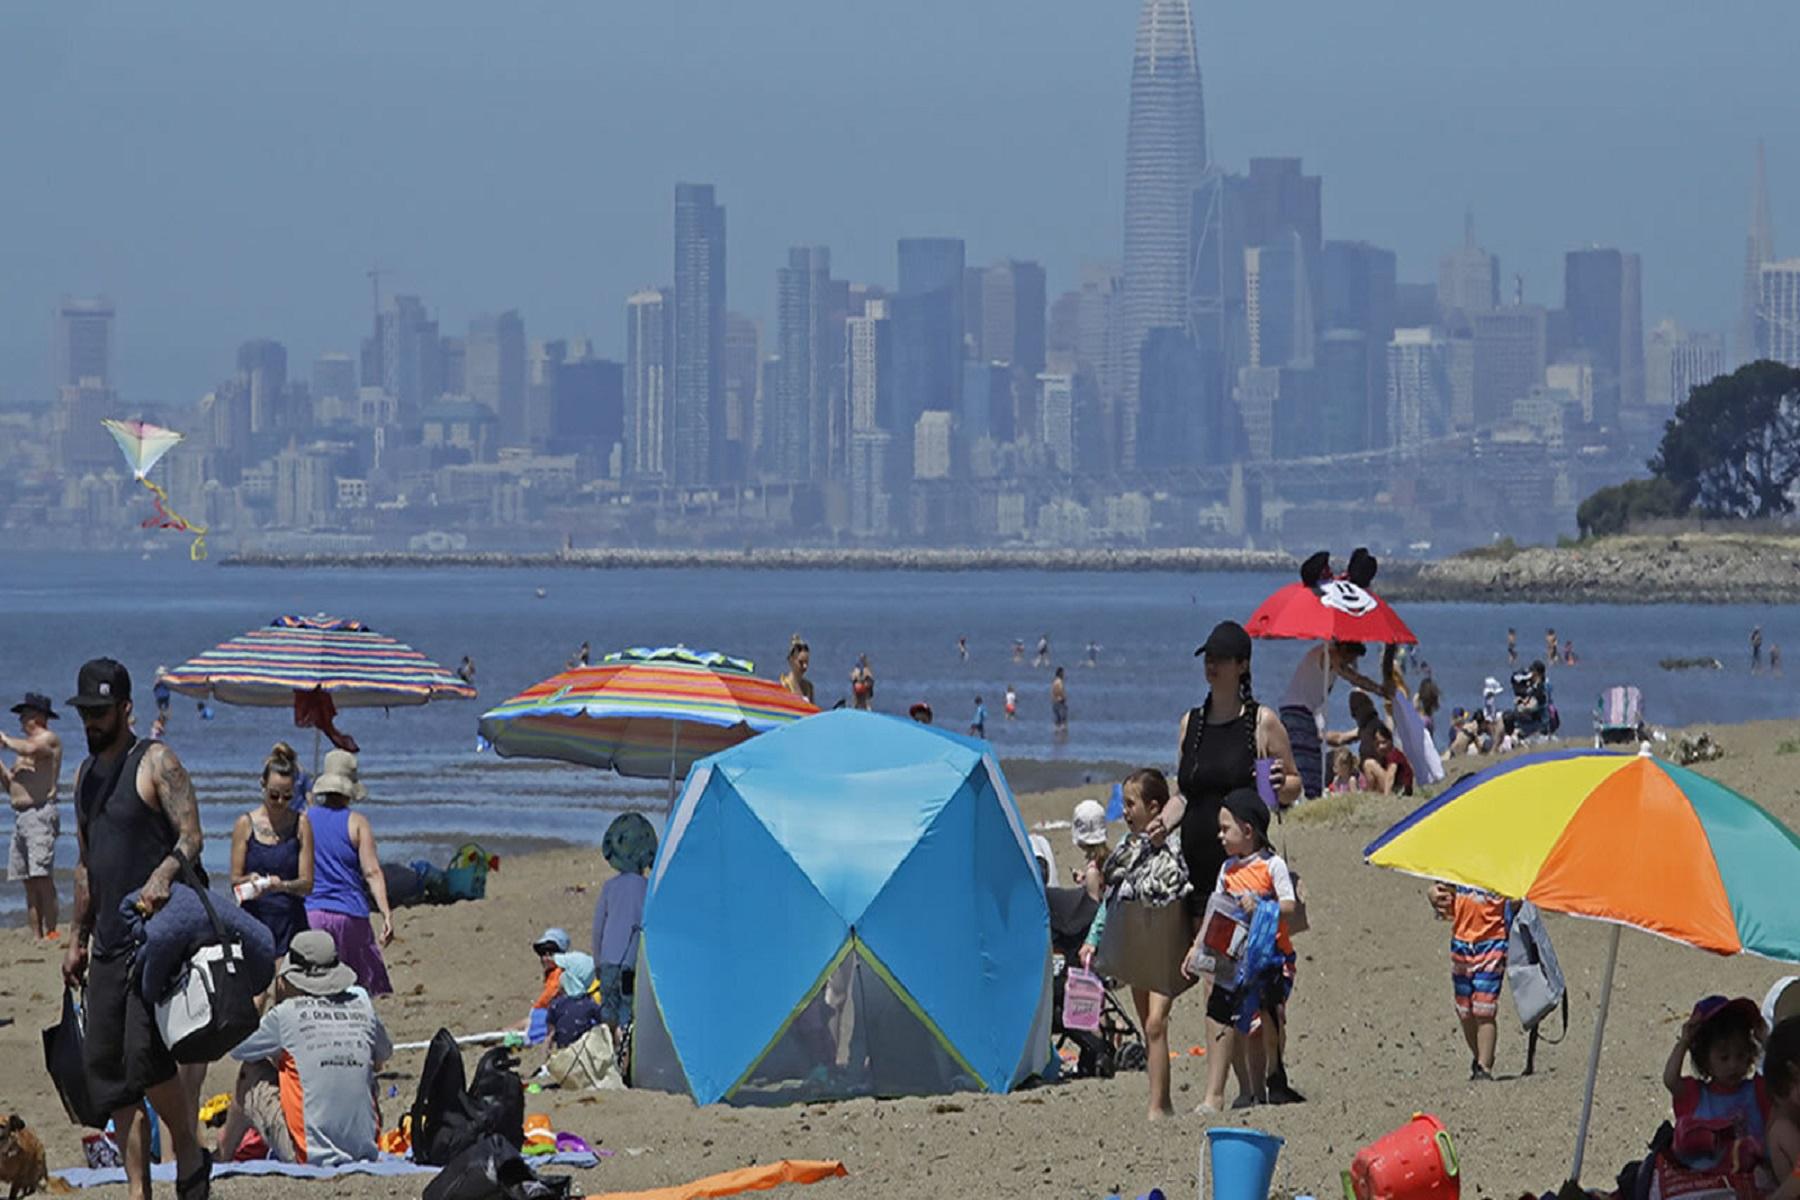 ΗΠΑ Καλιφόρνια: Ένα ακόμη ακραίο κύμα θερμότητας που θα διαρκέσει την επόμενη εβδομάδα